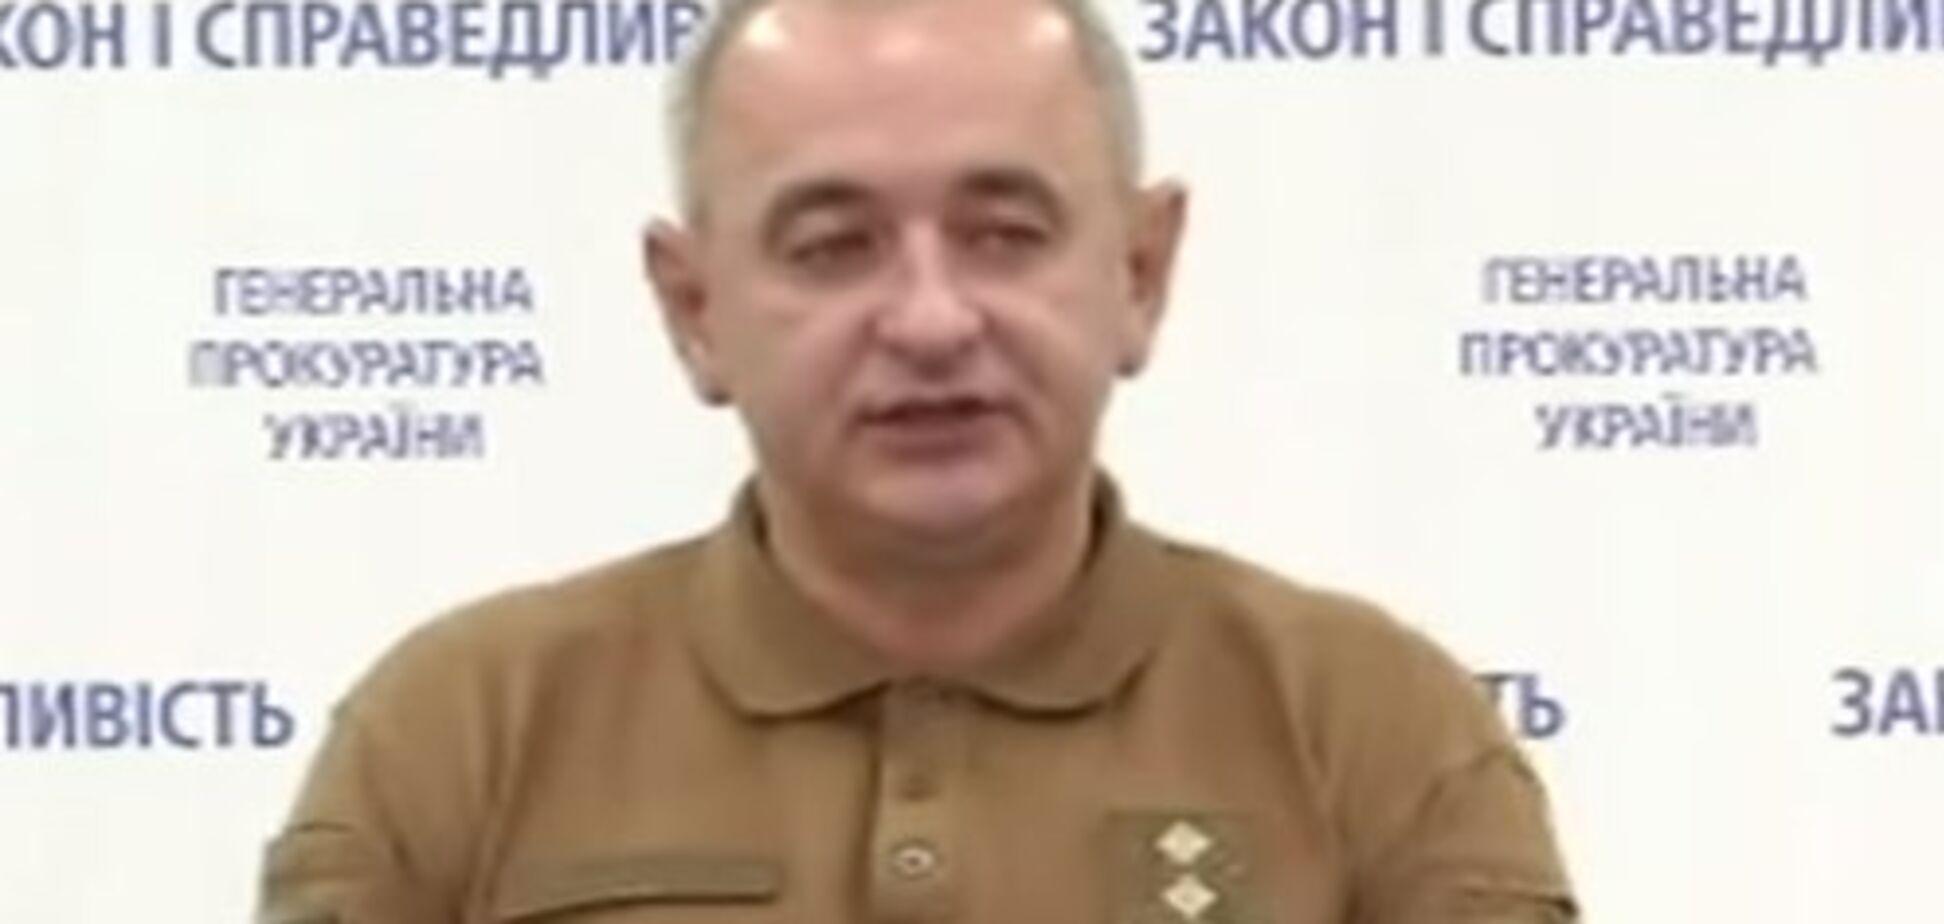 Спецслужбы РФ готовили убийства высшего руководства Украины - Матиос